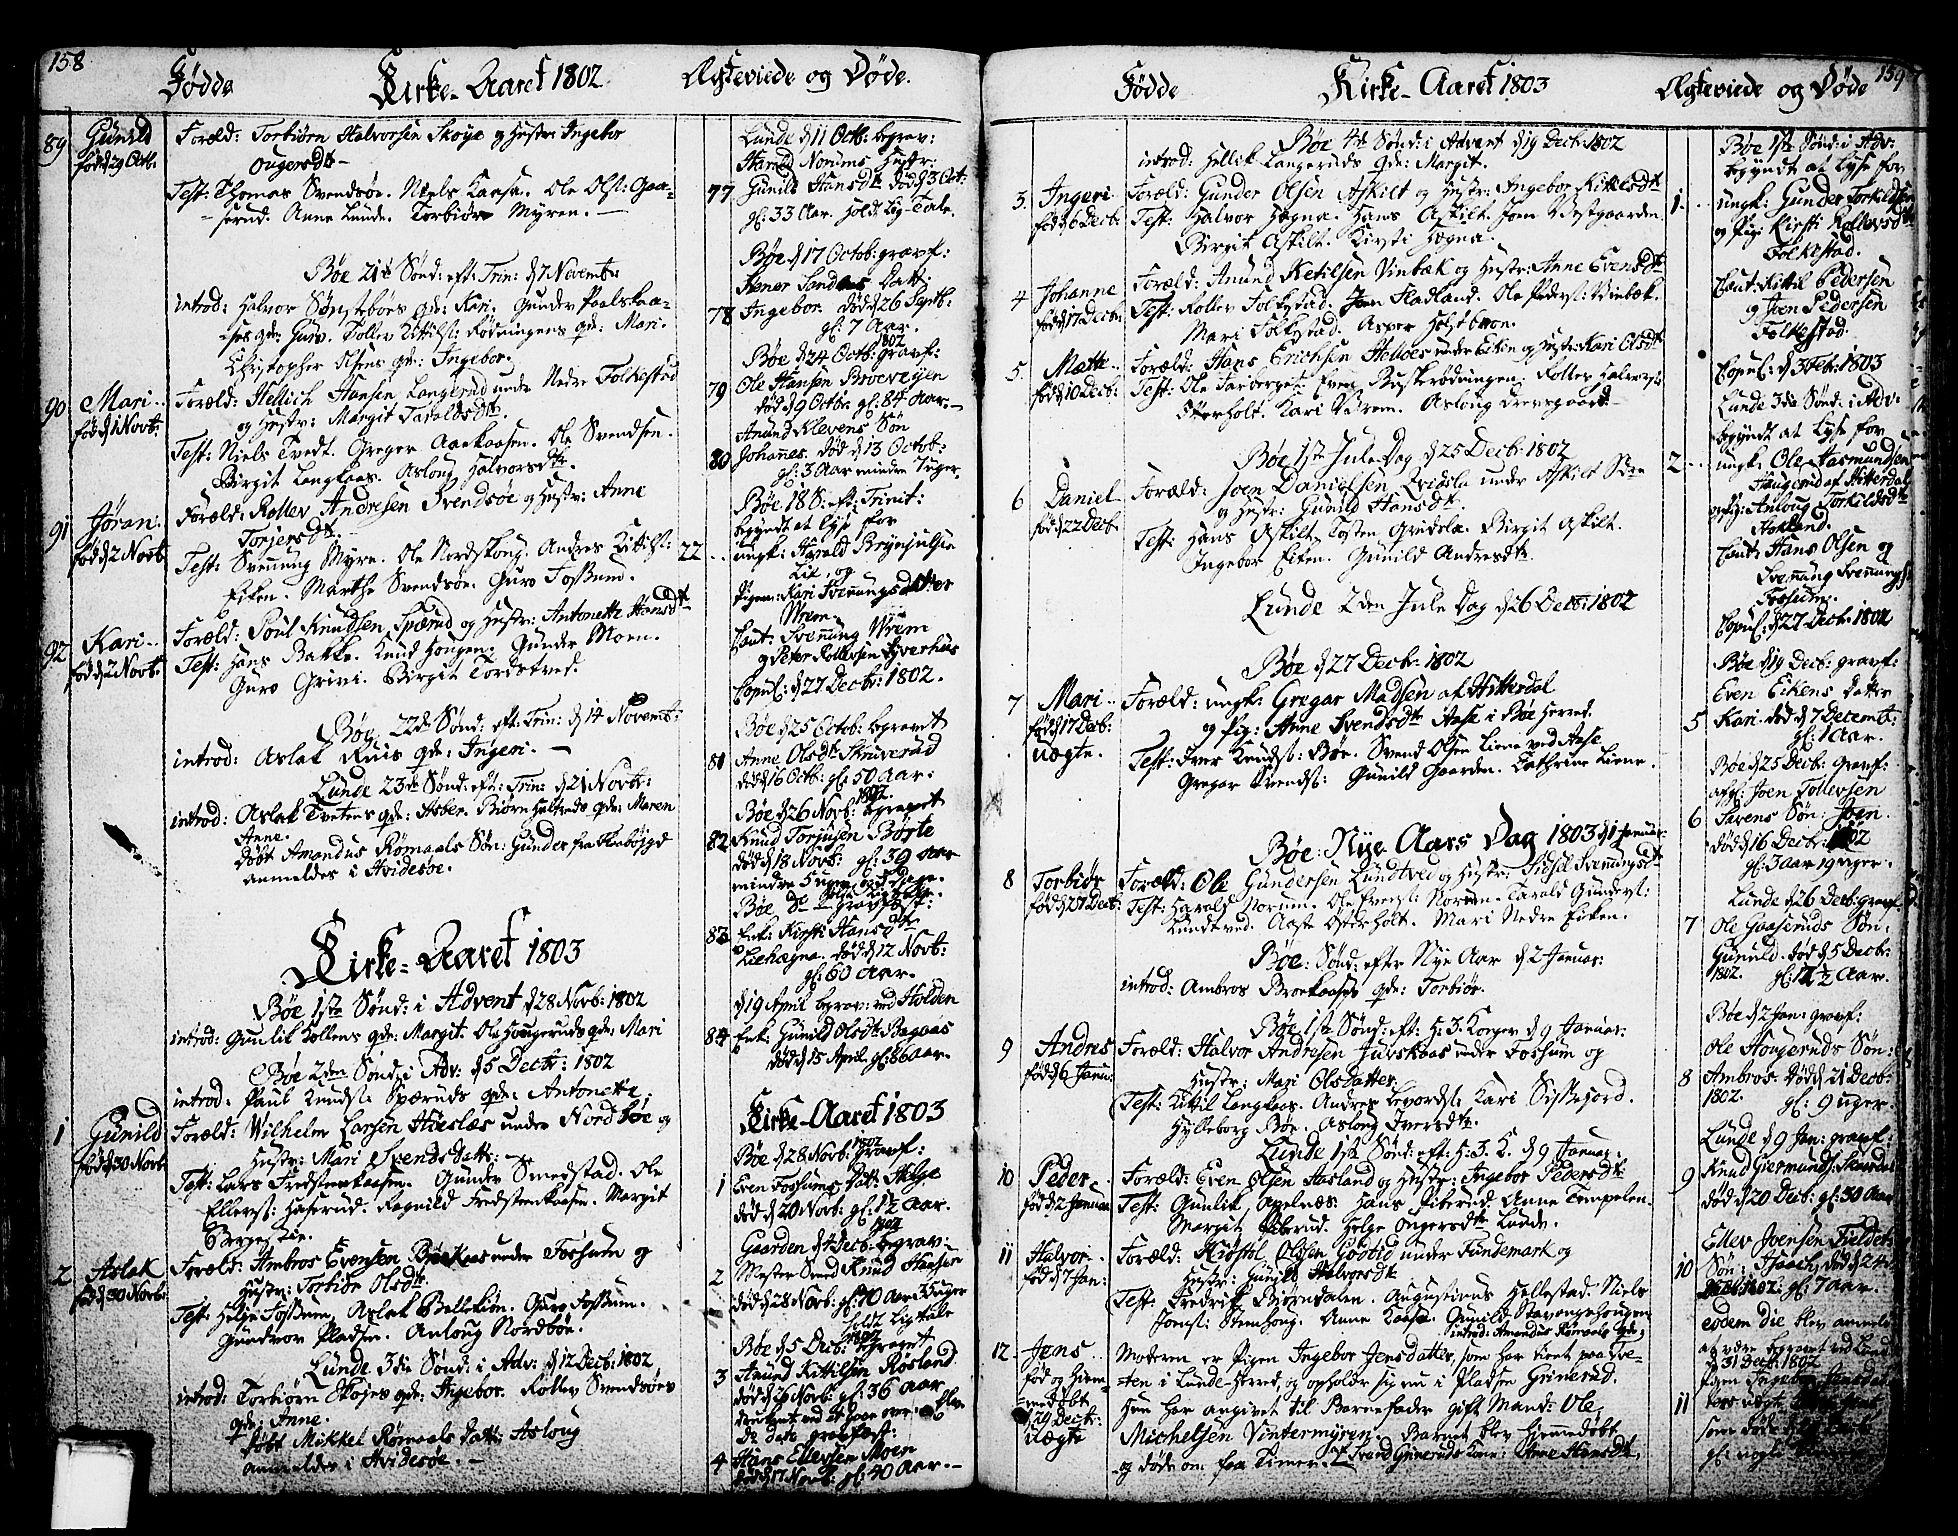 SAKO, Bø kirkebøker, F/Fa/L0005: Ministerialbok nr. 5, 1785-1815, s. 158-159